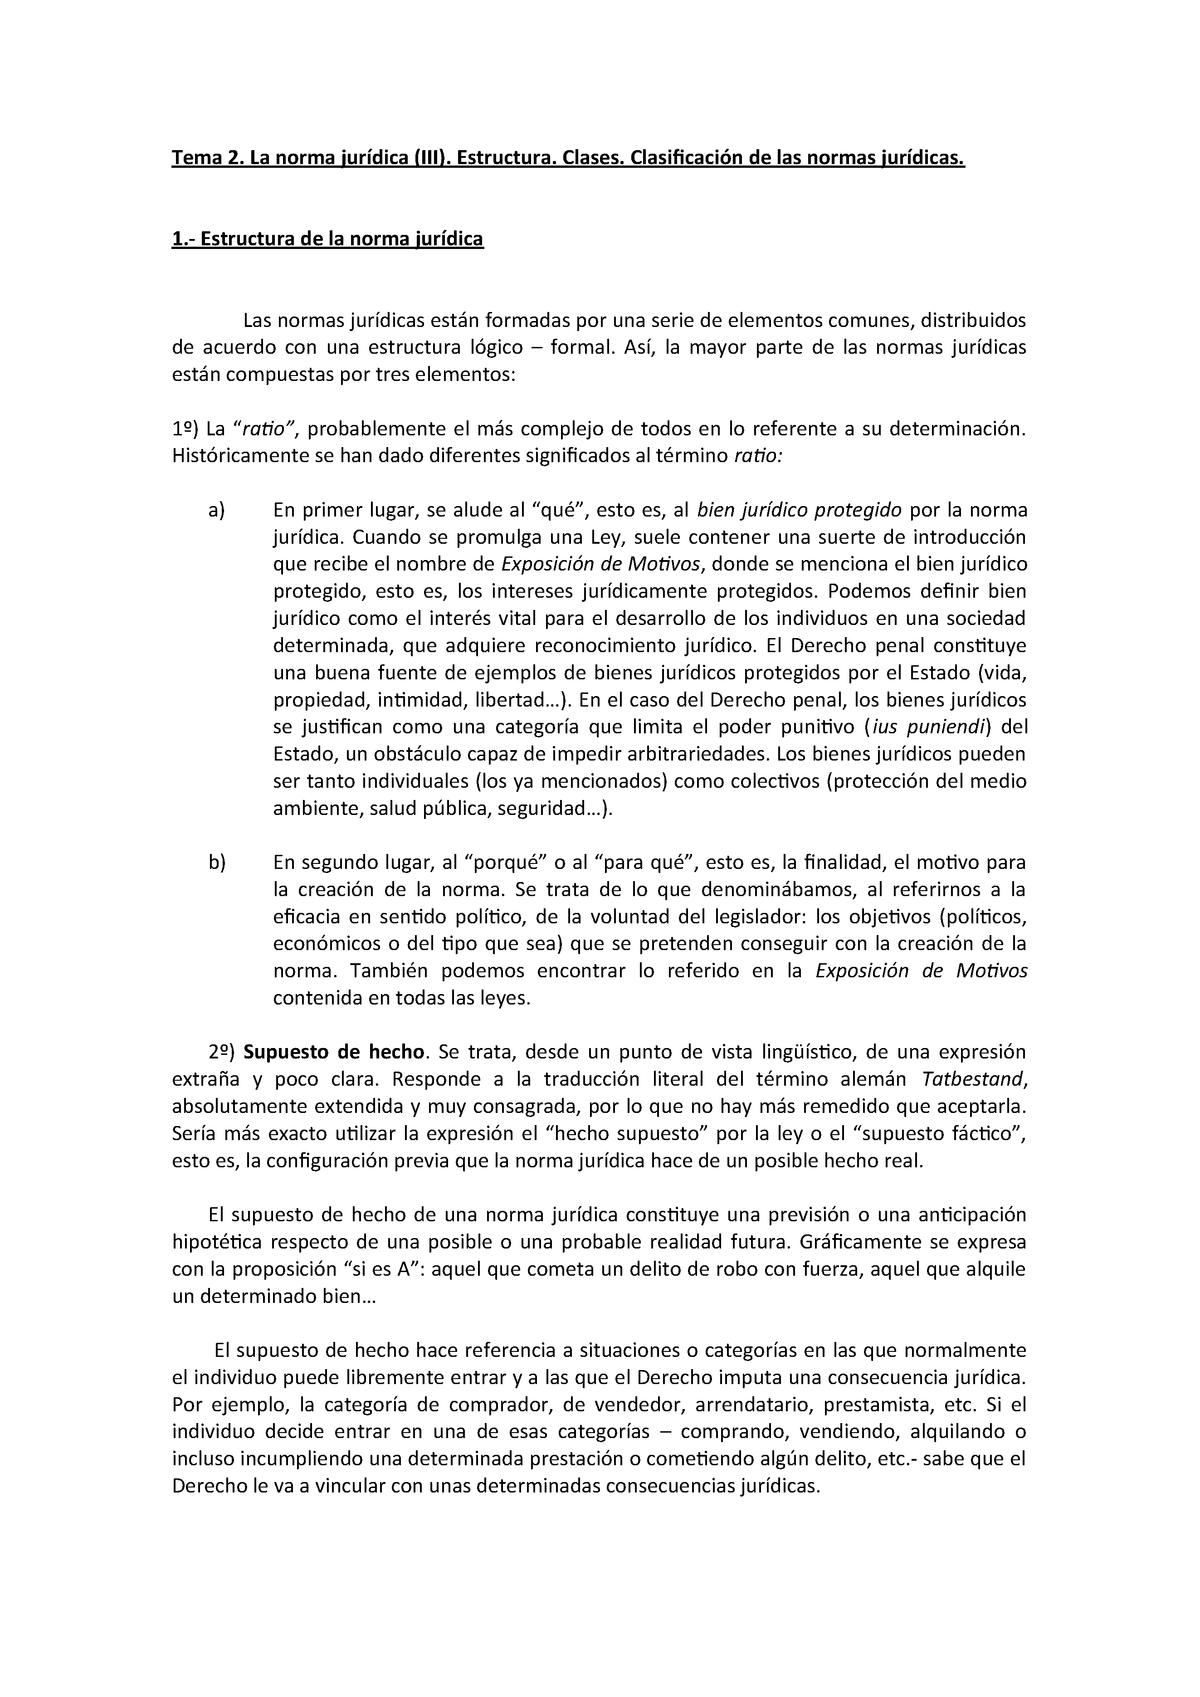 Tema 2 Estructura Y Clasificación De Las Normas Jurídicas 2